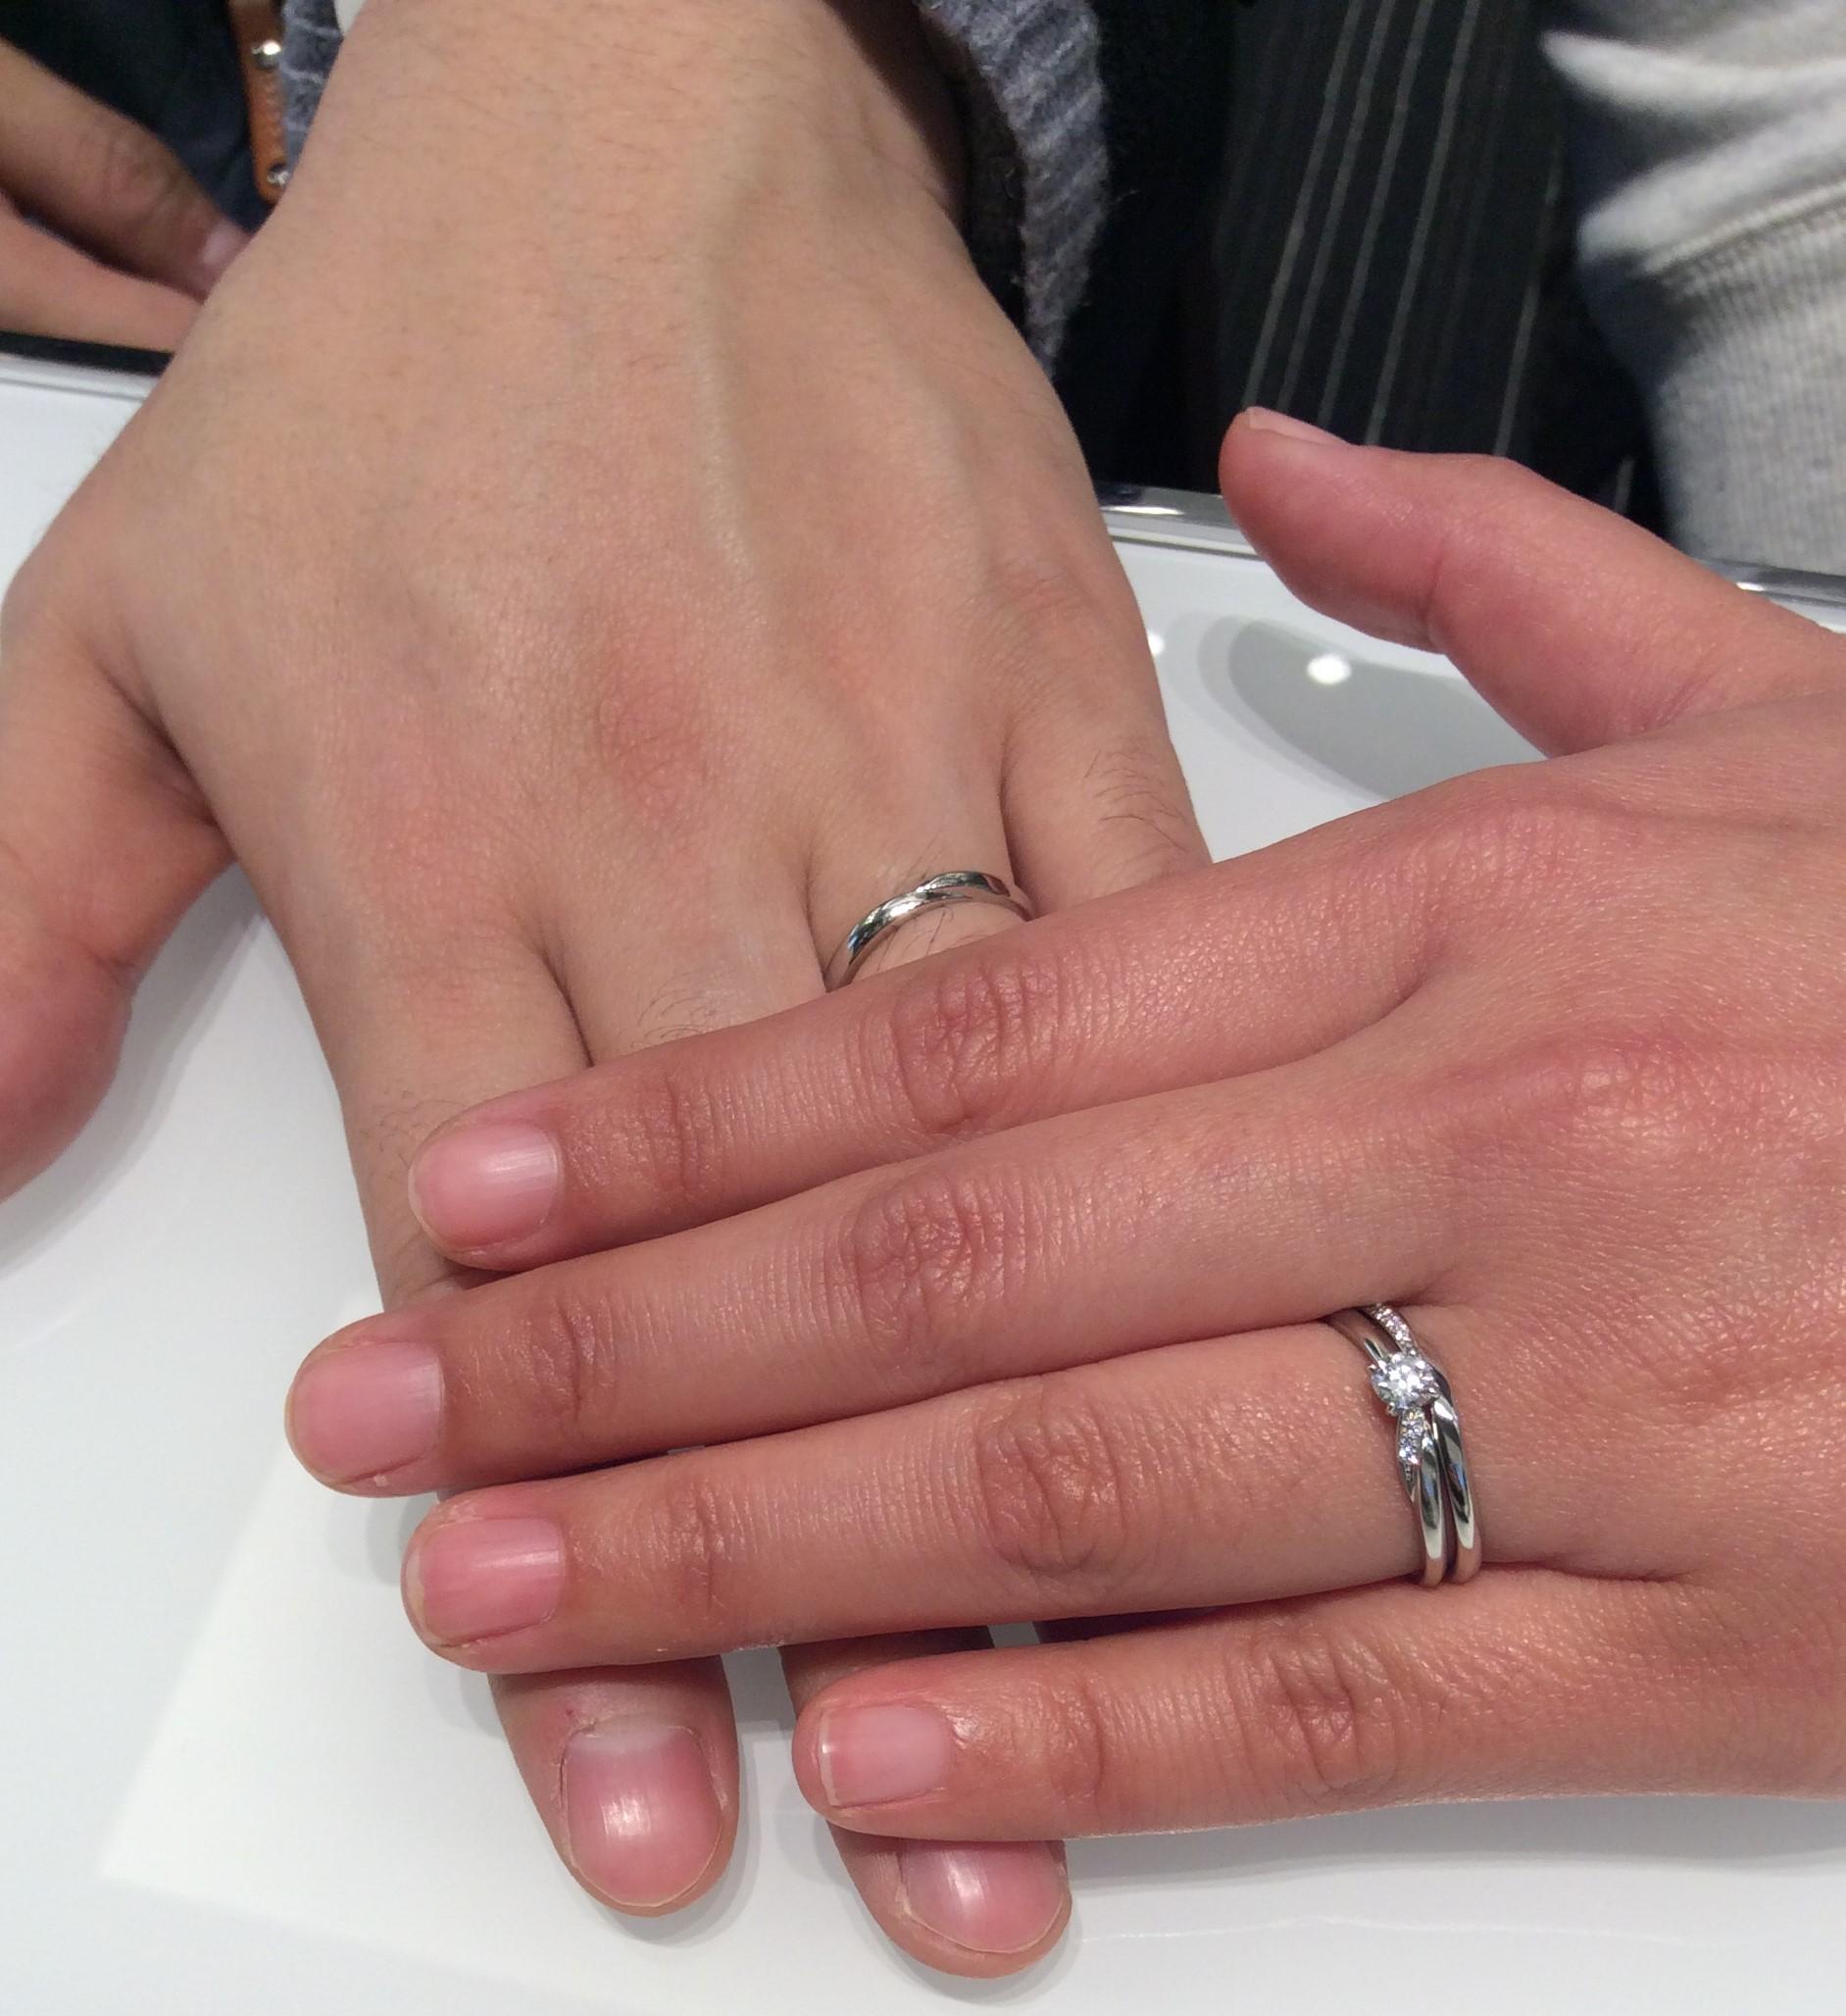 長岡ご出身, Wご夫婦様 結婚指輪俄のプラチナリング せせらぎをご成約